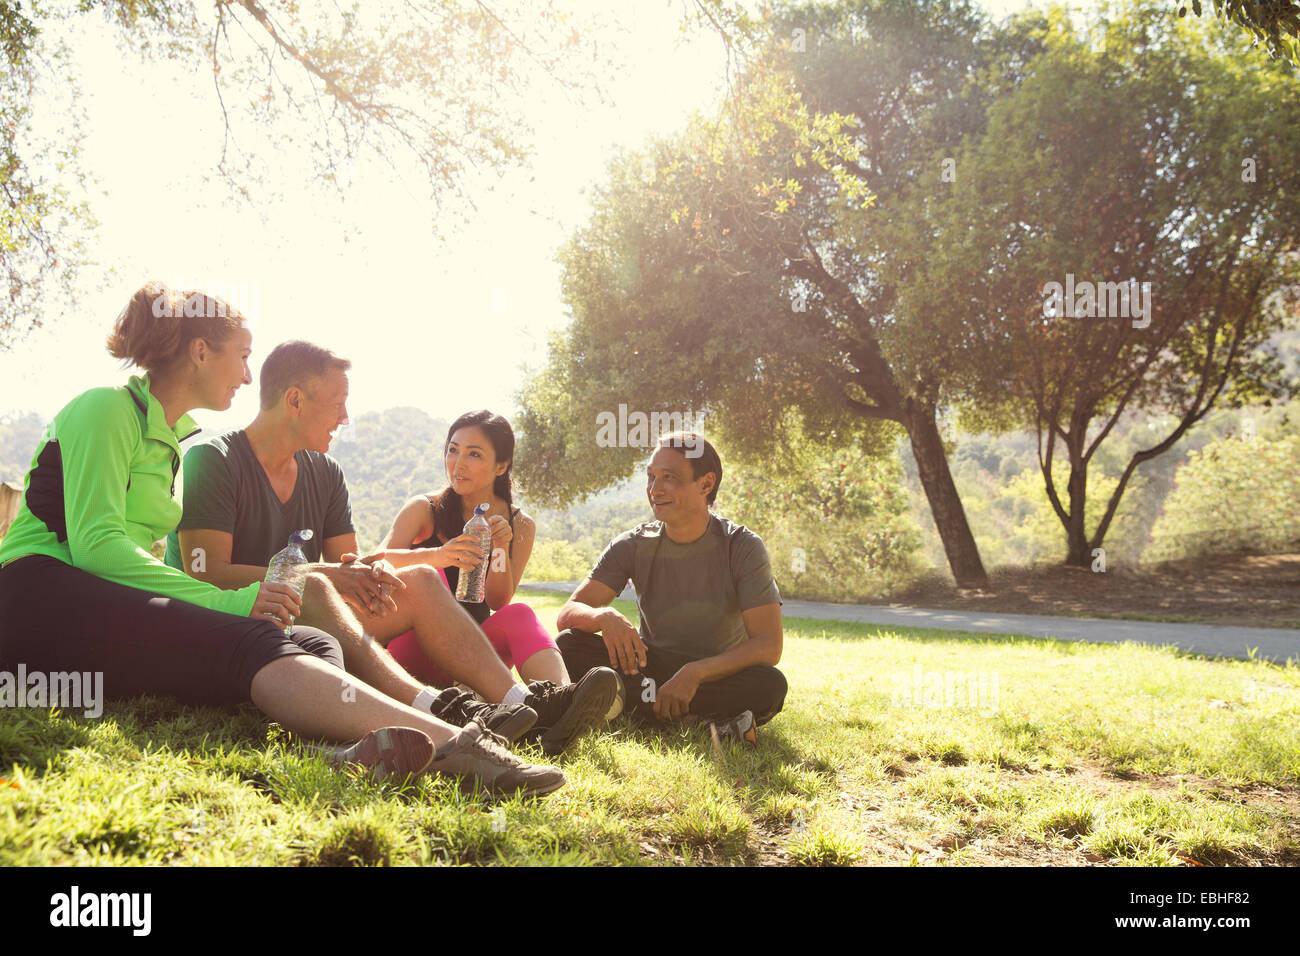 Vier Reifen männlichen und weiblichen Läufer sitzen im Chat im Park Stockbild